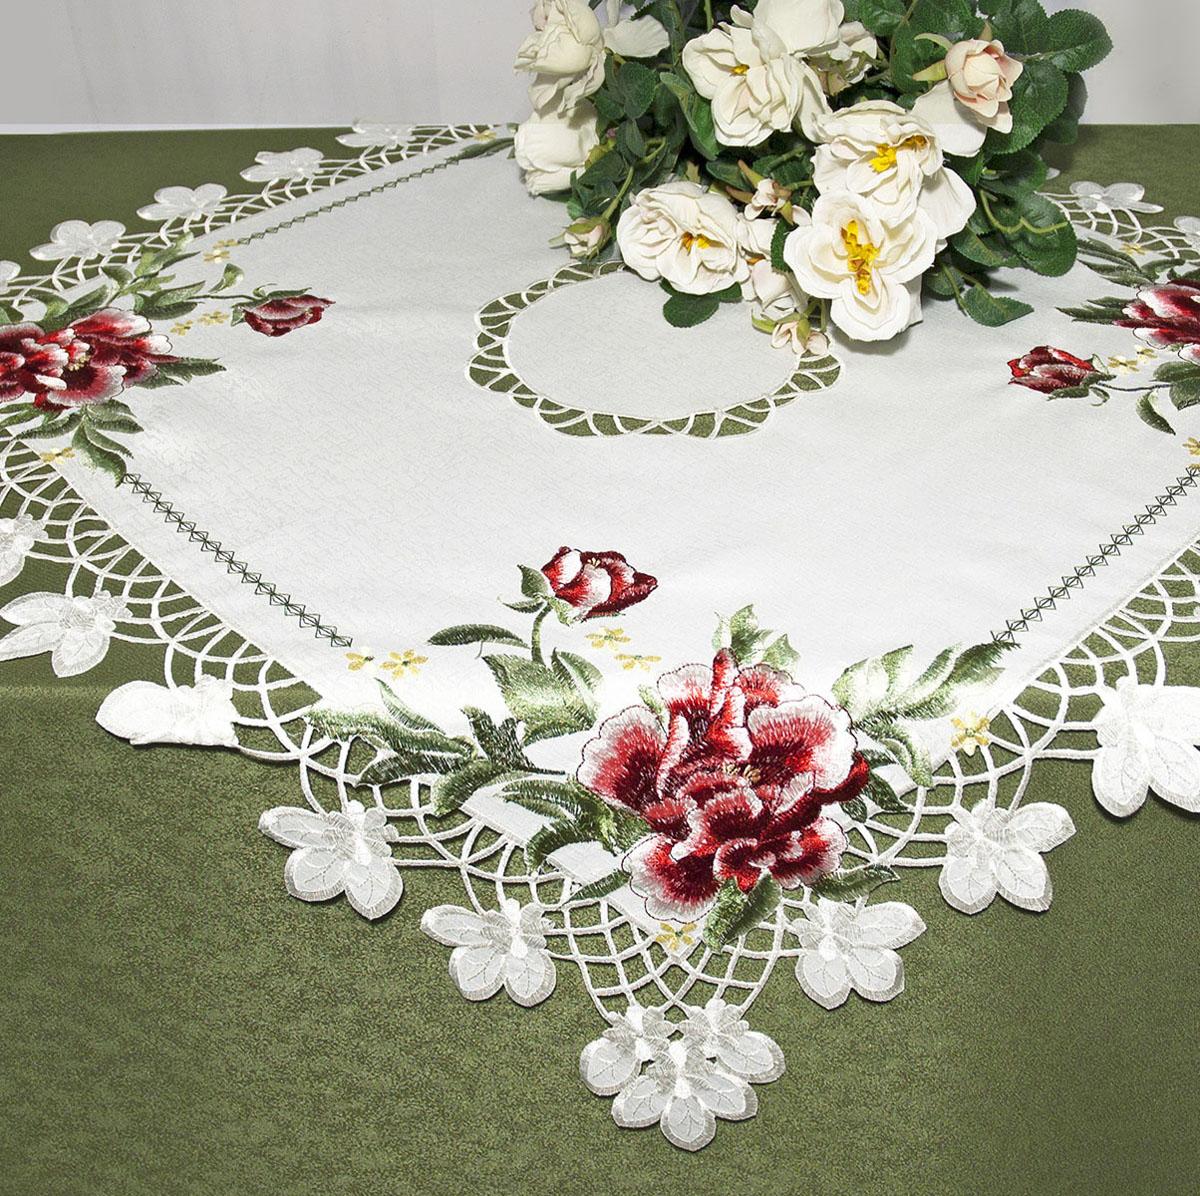 Скатерть Schaefer, квадратная, цвет: белый, 85x 85 см. 07481-1002014-24Скатерть Schaefer изготовлена из полиэстера и украшена цветочной вышивкой. Края изделия оформлены в технике ришелье.Изделия из полиэстера легко стирать: они не мнутся, не садятся и быстро сохнут, они более долговечны, чем изделия из натуральных волокон. Кроме того, ткань обладает водоотталкивающими свойствами. Такая скатерть будет просто не заменима на кухне, а особенно на вашем обеденном столе на даче под открытым небом. Скатерть Schaefer не останется без внимания ваших гостей, а вас будет ежедневно радовать ярким дизайном и несравненным качеством.Немецкая компания Schaefer создана в 1921 году. На протяжении всего времени существования она создает уникальные коллекции домашнего текстиля для гостиных, спален, кухонь и ванных комнат. Дизайнерские идеи немецких художников компании Schaefer воплощаются в текстильных изделиях, которые сделают ваш дом красивее и уютнее и не останутся незамеченными вашими гостями. Дарите себе и близким красоту каждый день! Изысканный текстиль от немецкой компании Schaefer - это красота, стиль и уют в вашем доме.